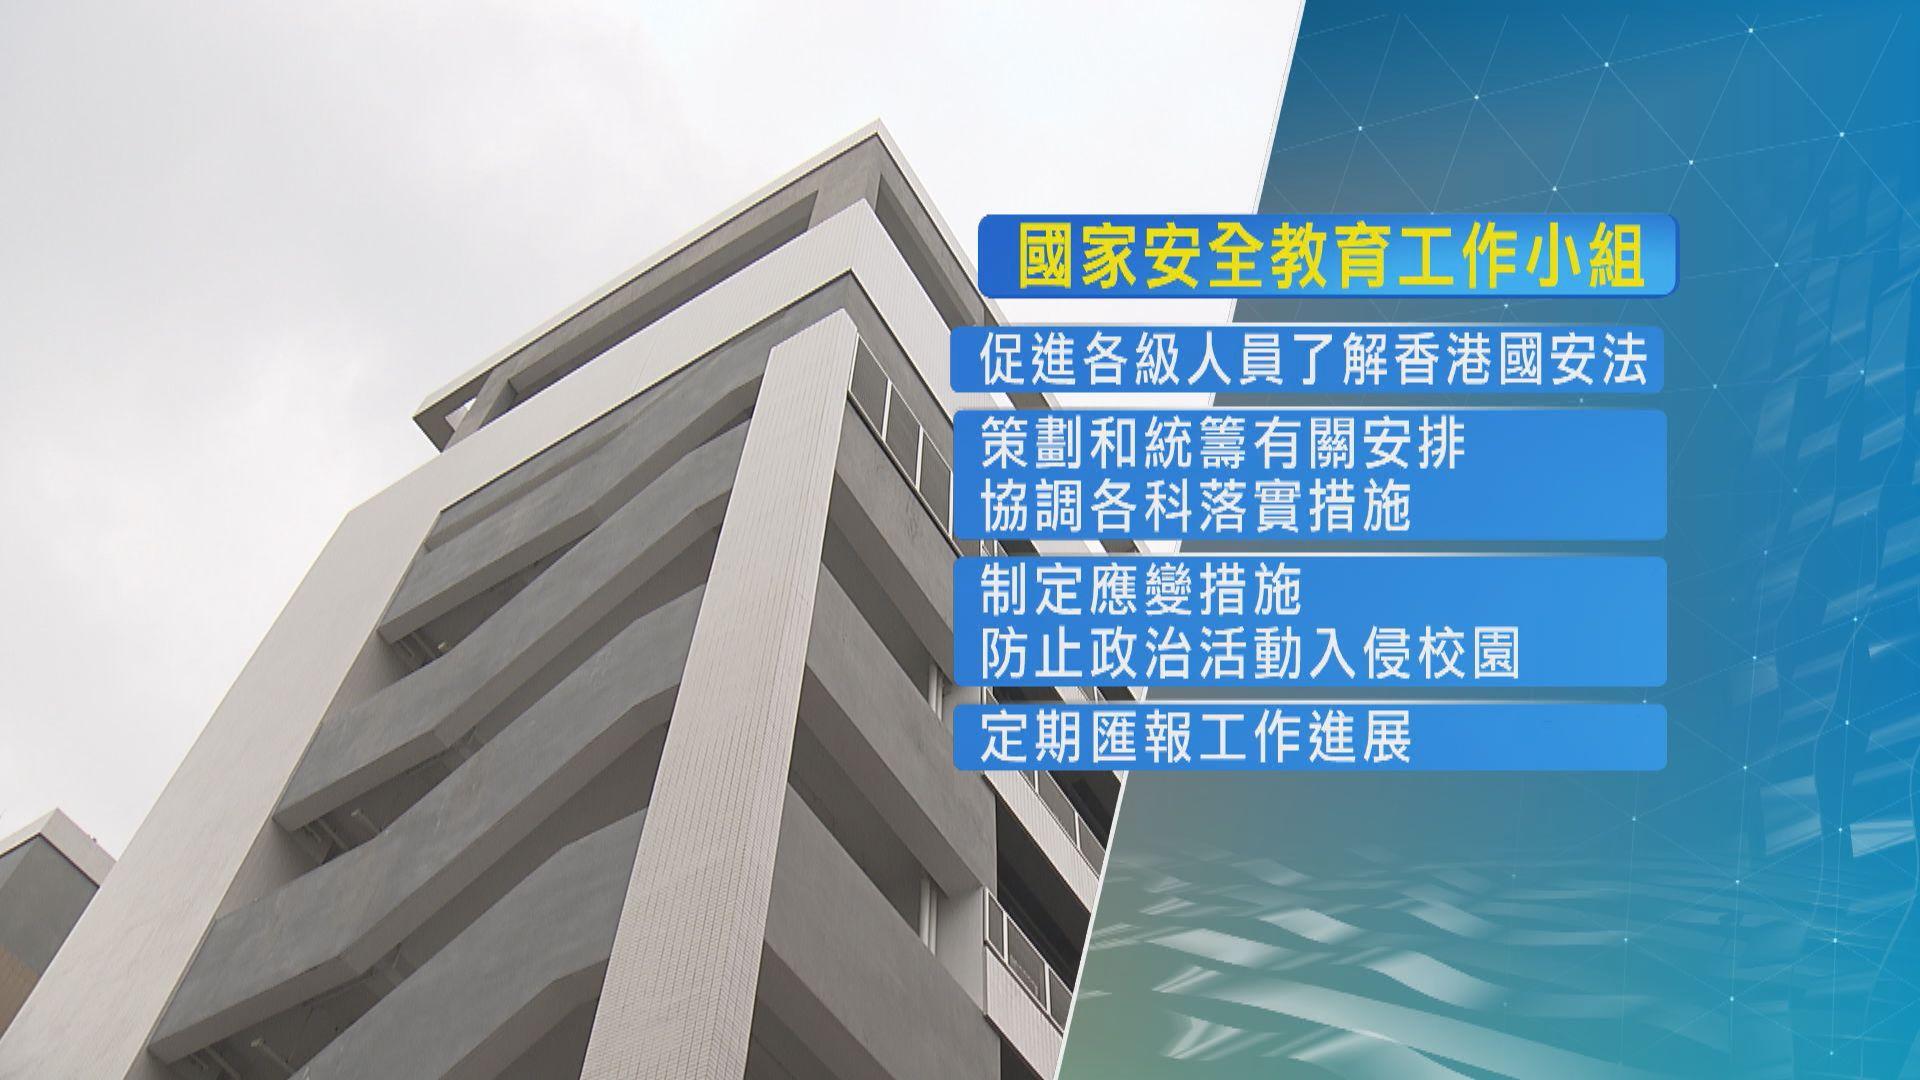 教育局要求學校成立國家安全教育小組定期交報告